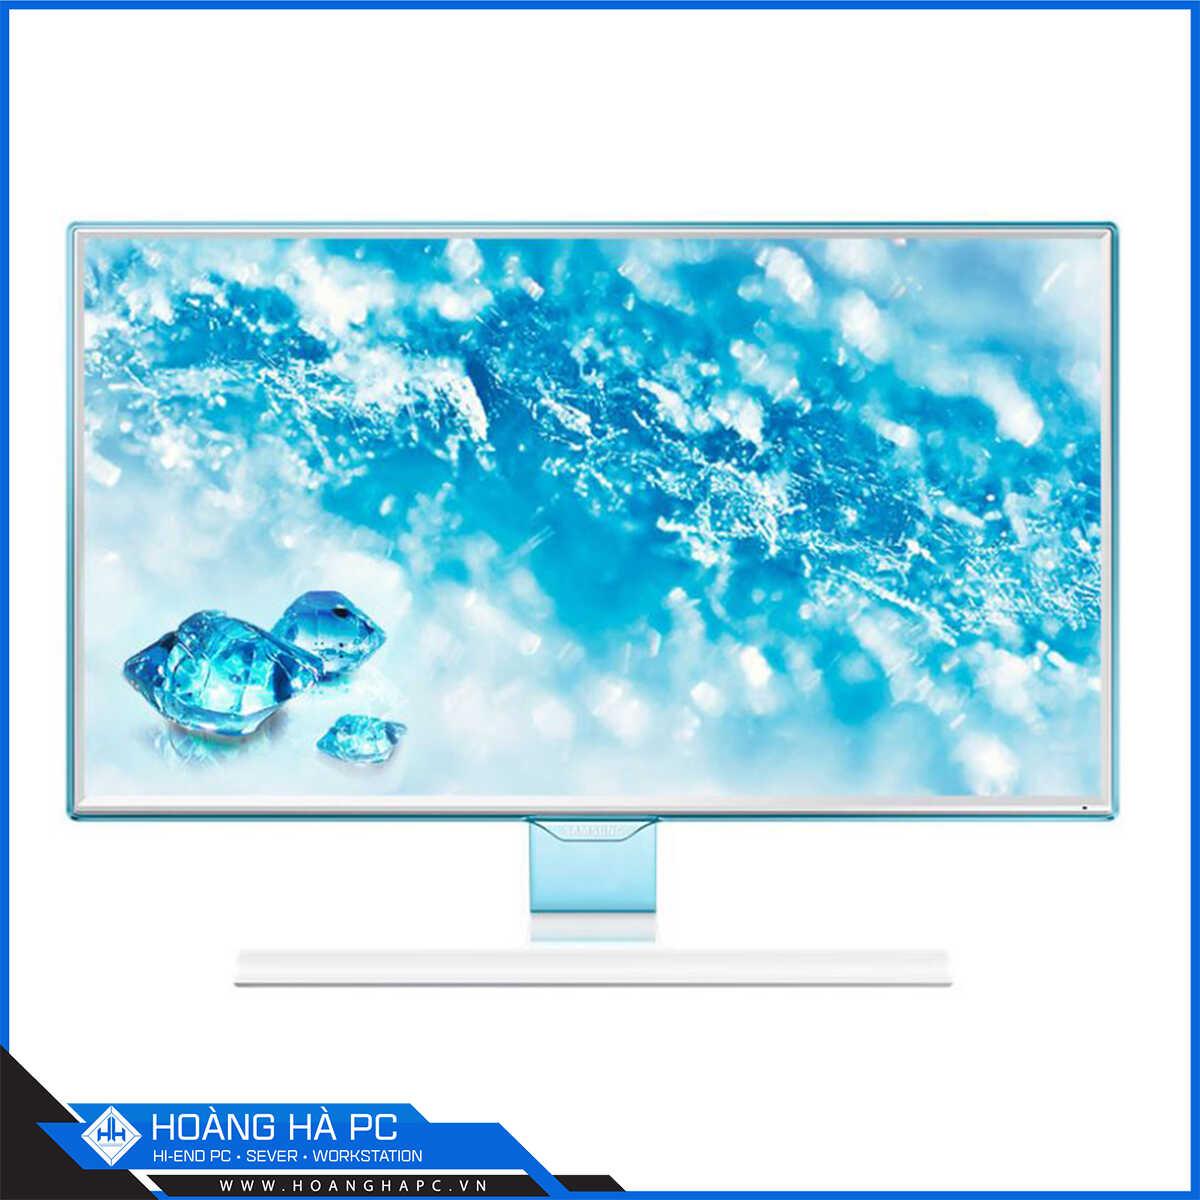 Samsung LS24E360HL/XV